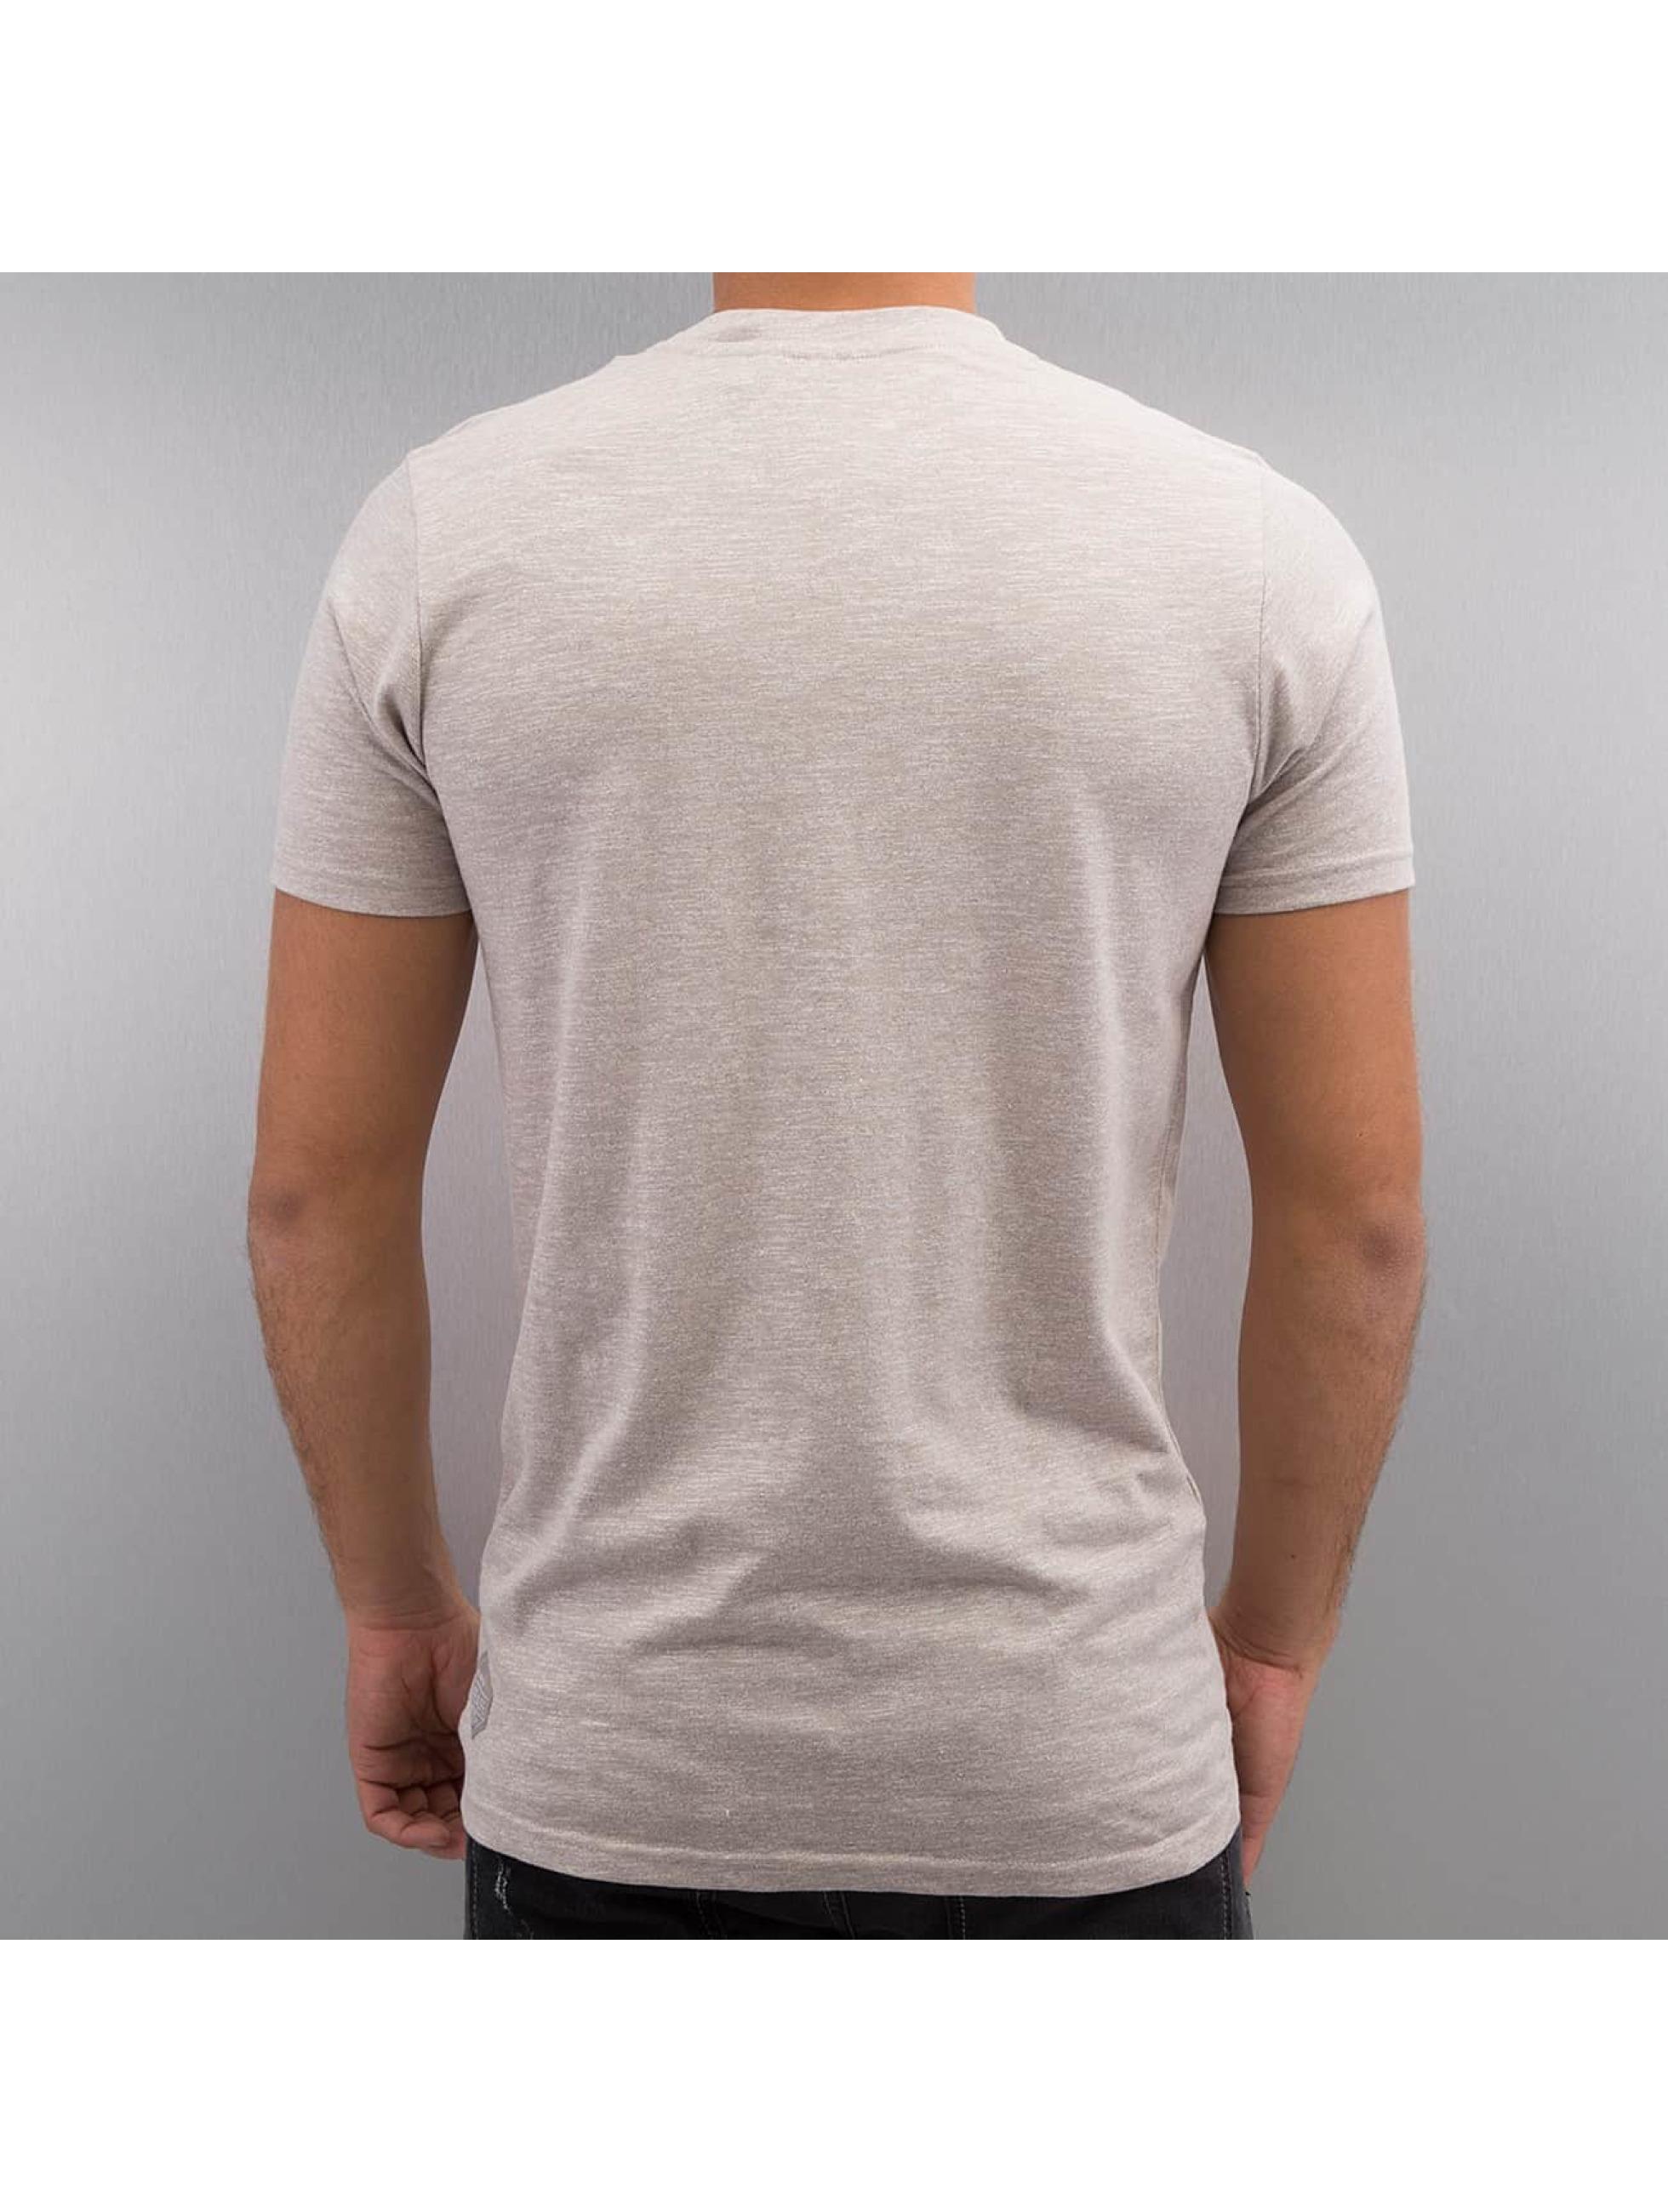 Alife & Kickin T-Shirt Vin A grau